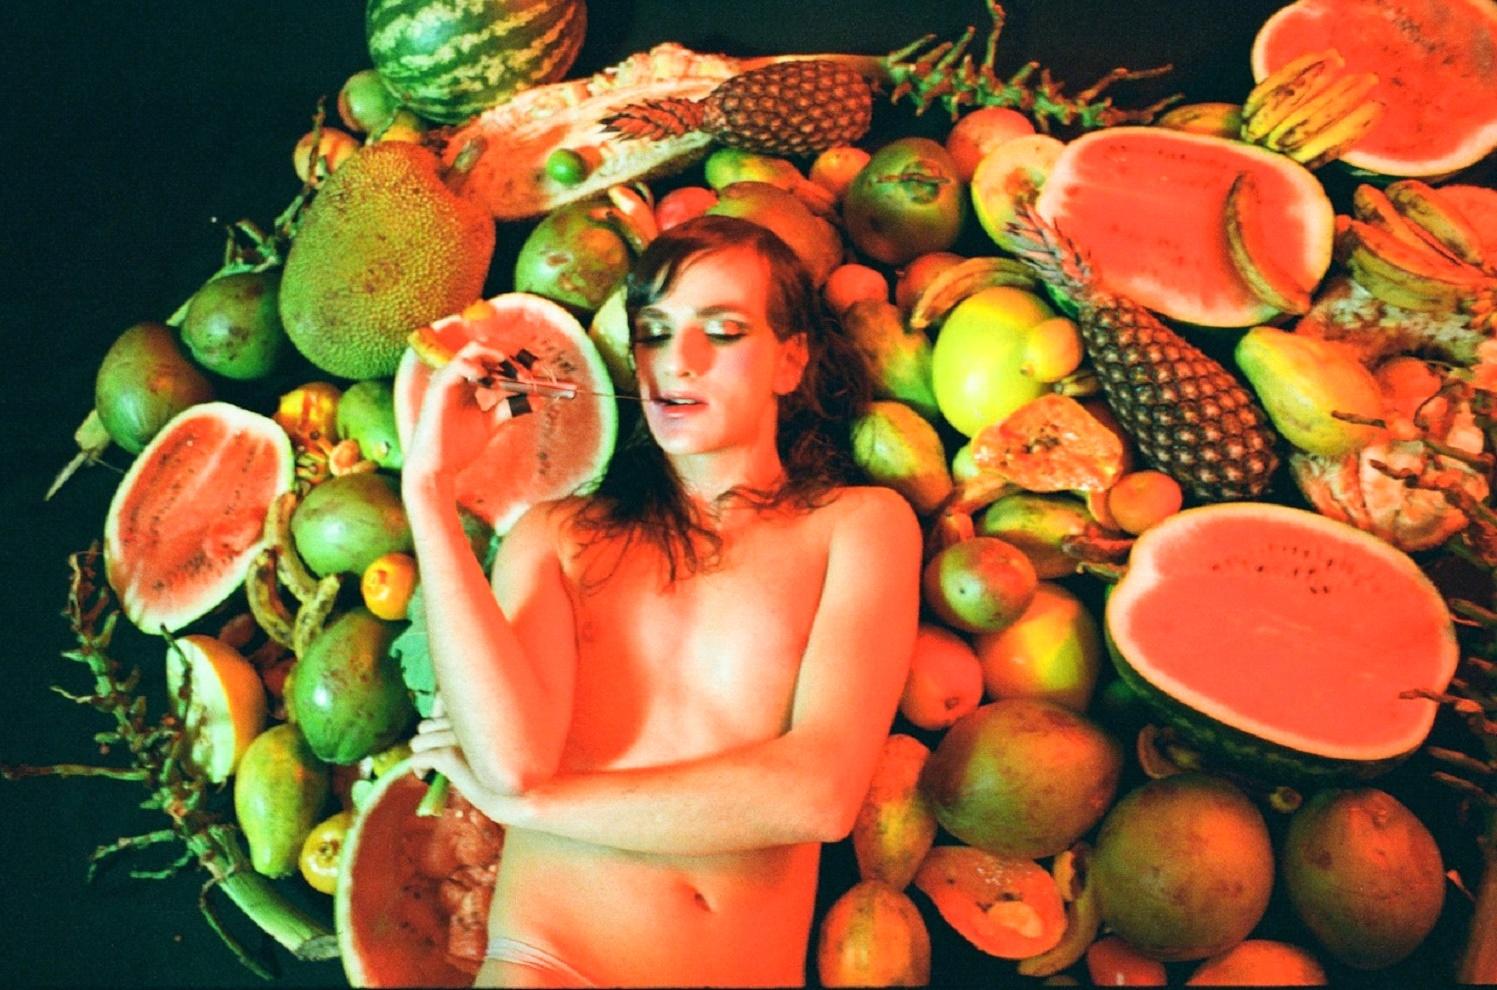 Marina Mathey lança clipe inspirado na Tropicália investigando os afetos dos corpos trans